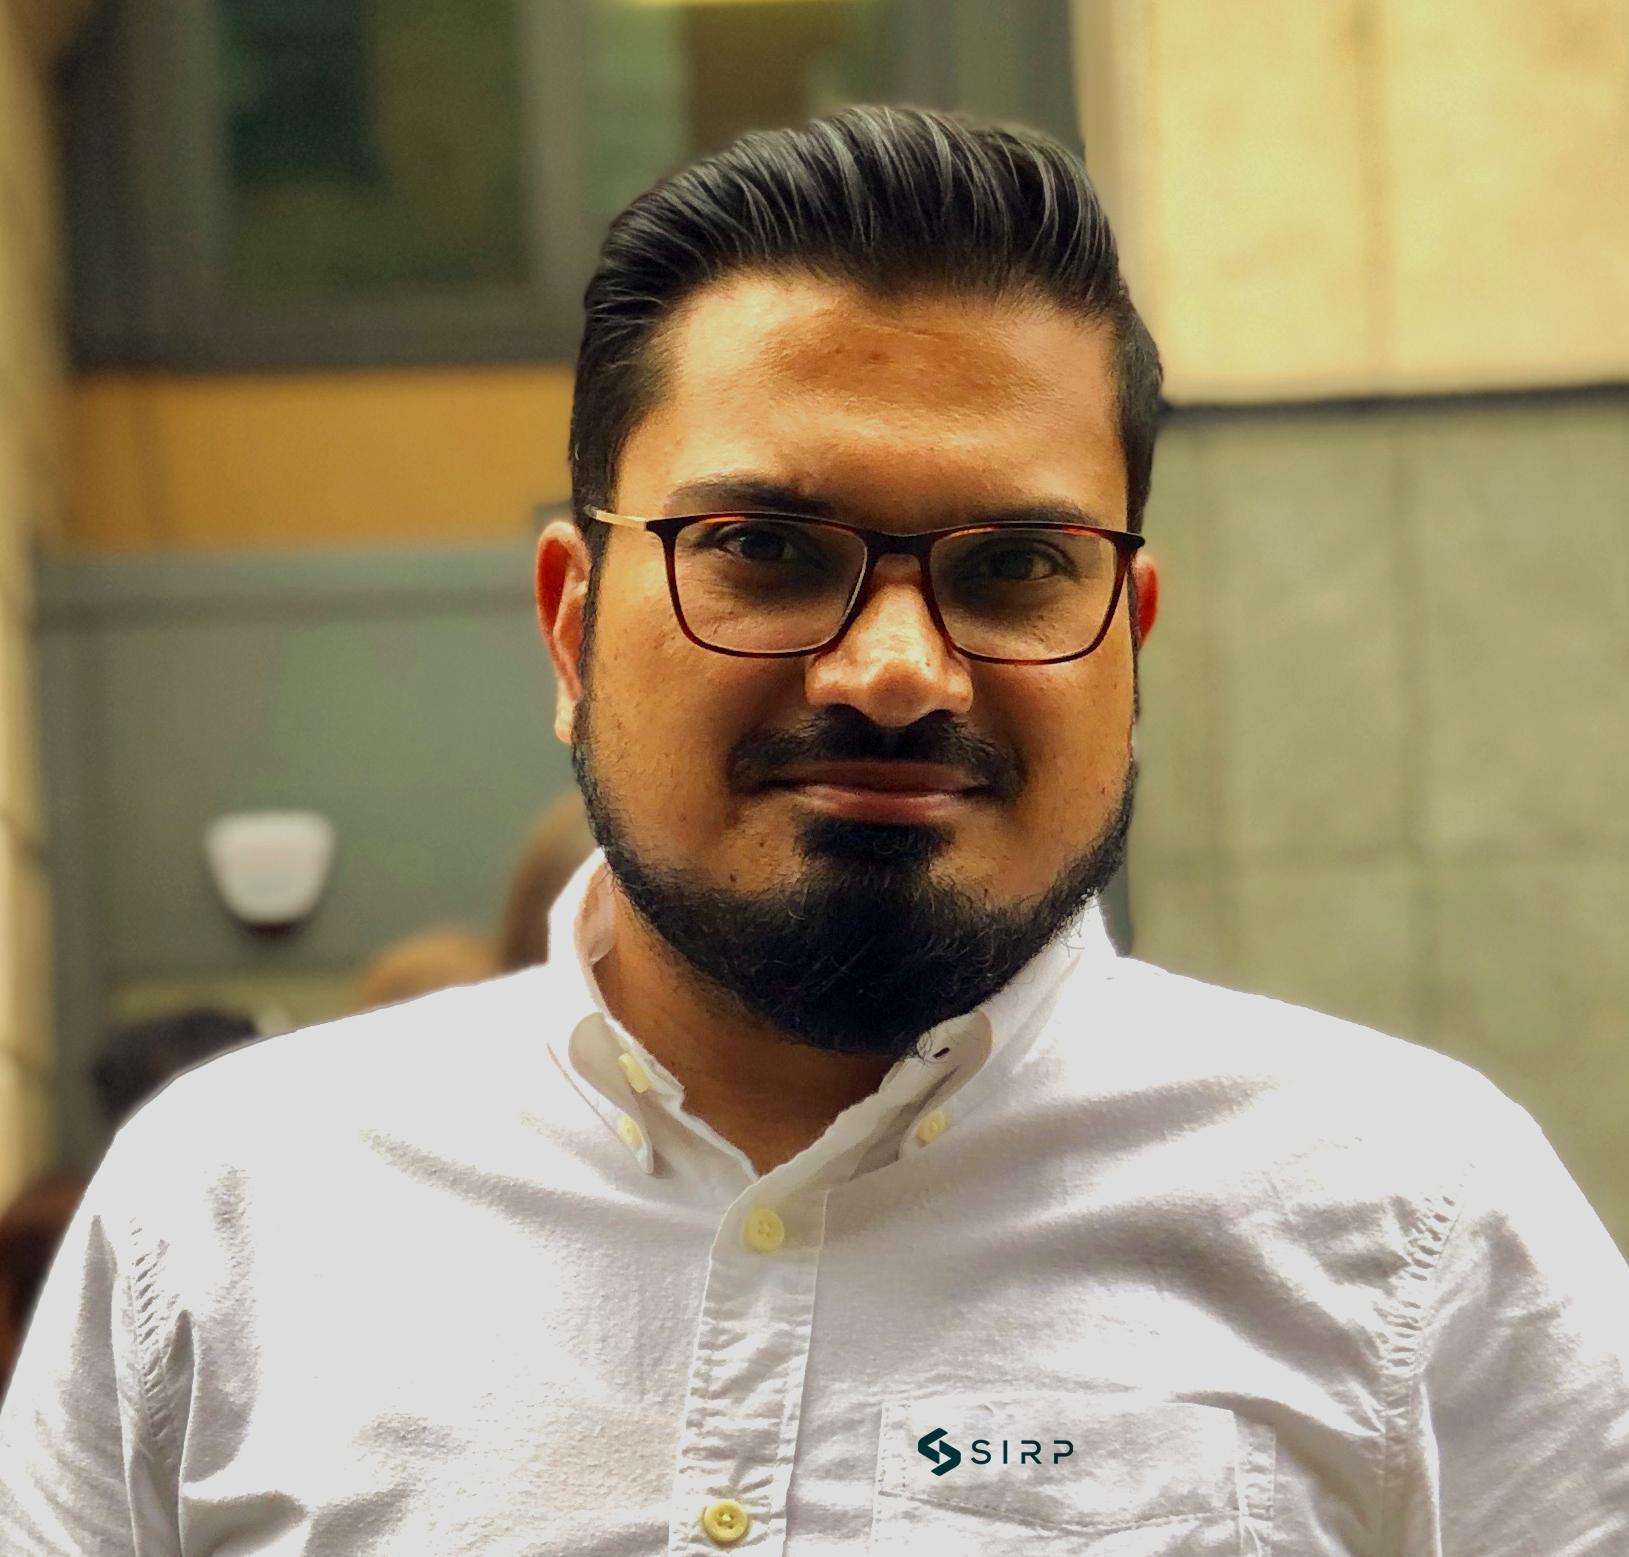 Faiz Shuja